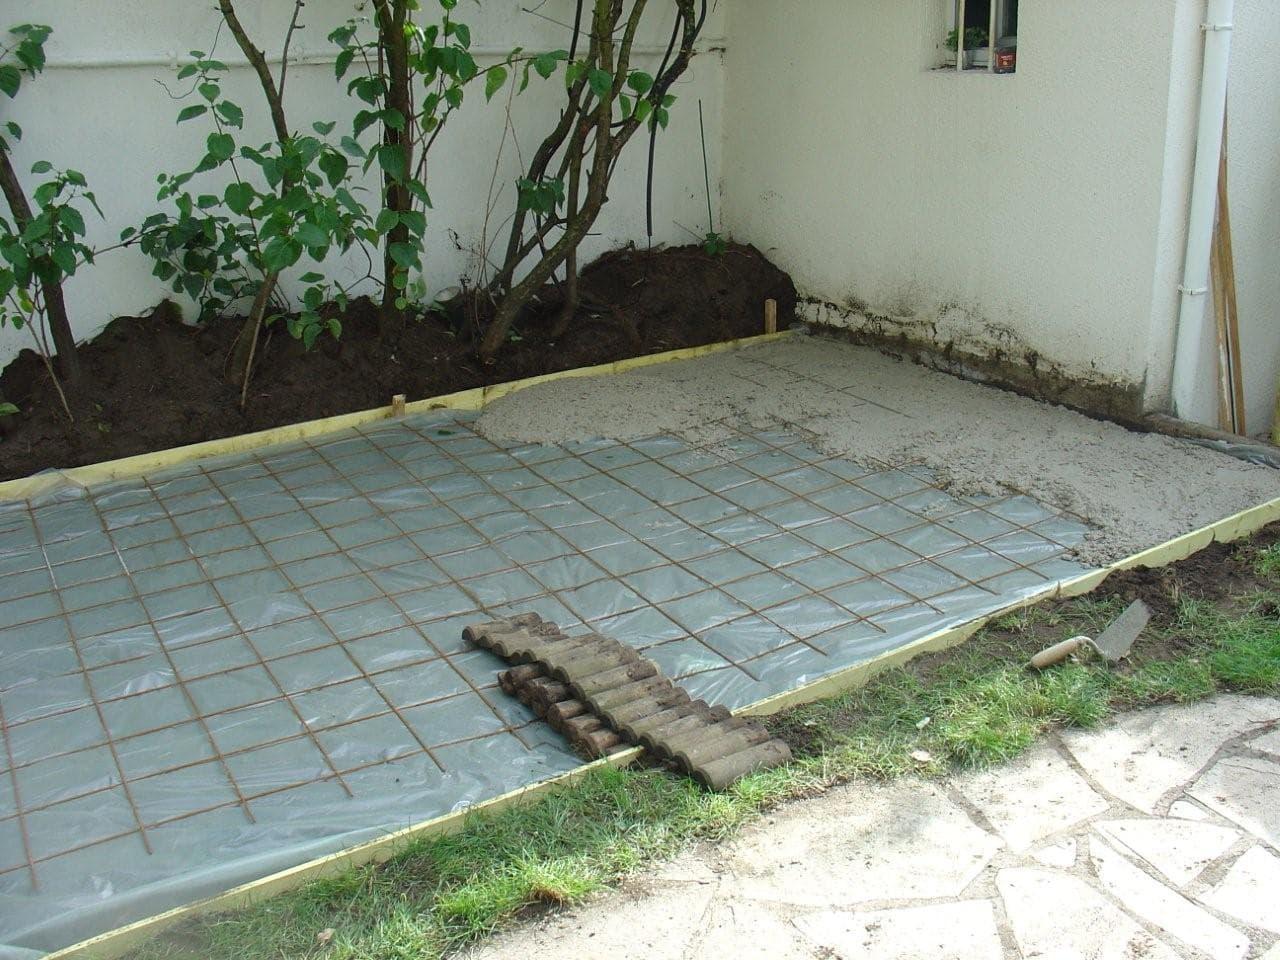 travaux-amenagement-jardin-3-decaissement-graviers-ferraillage -coulage-d'une-dalle-en-beton-texas-batiment-rge-min